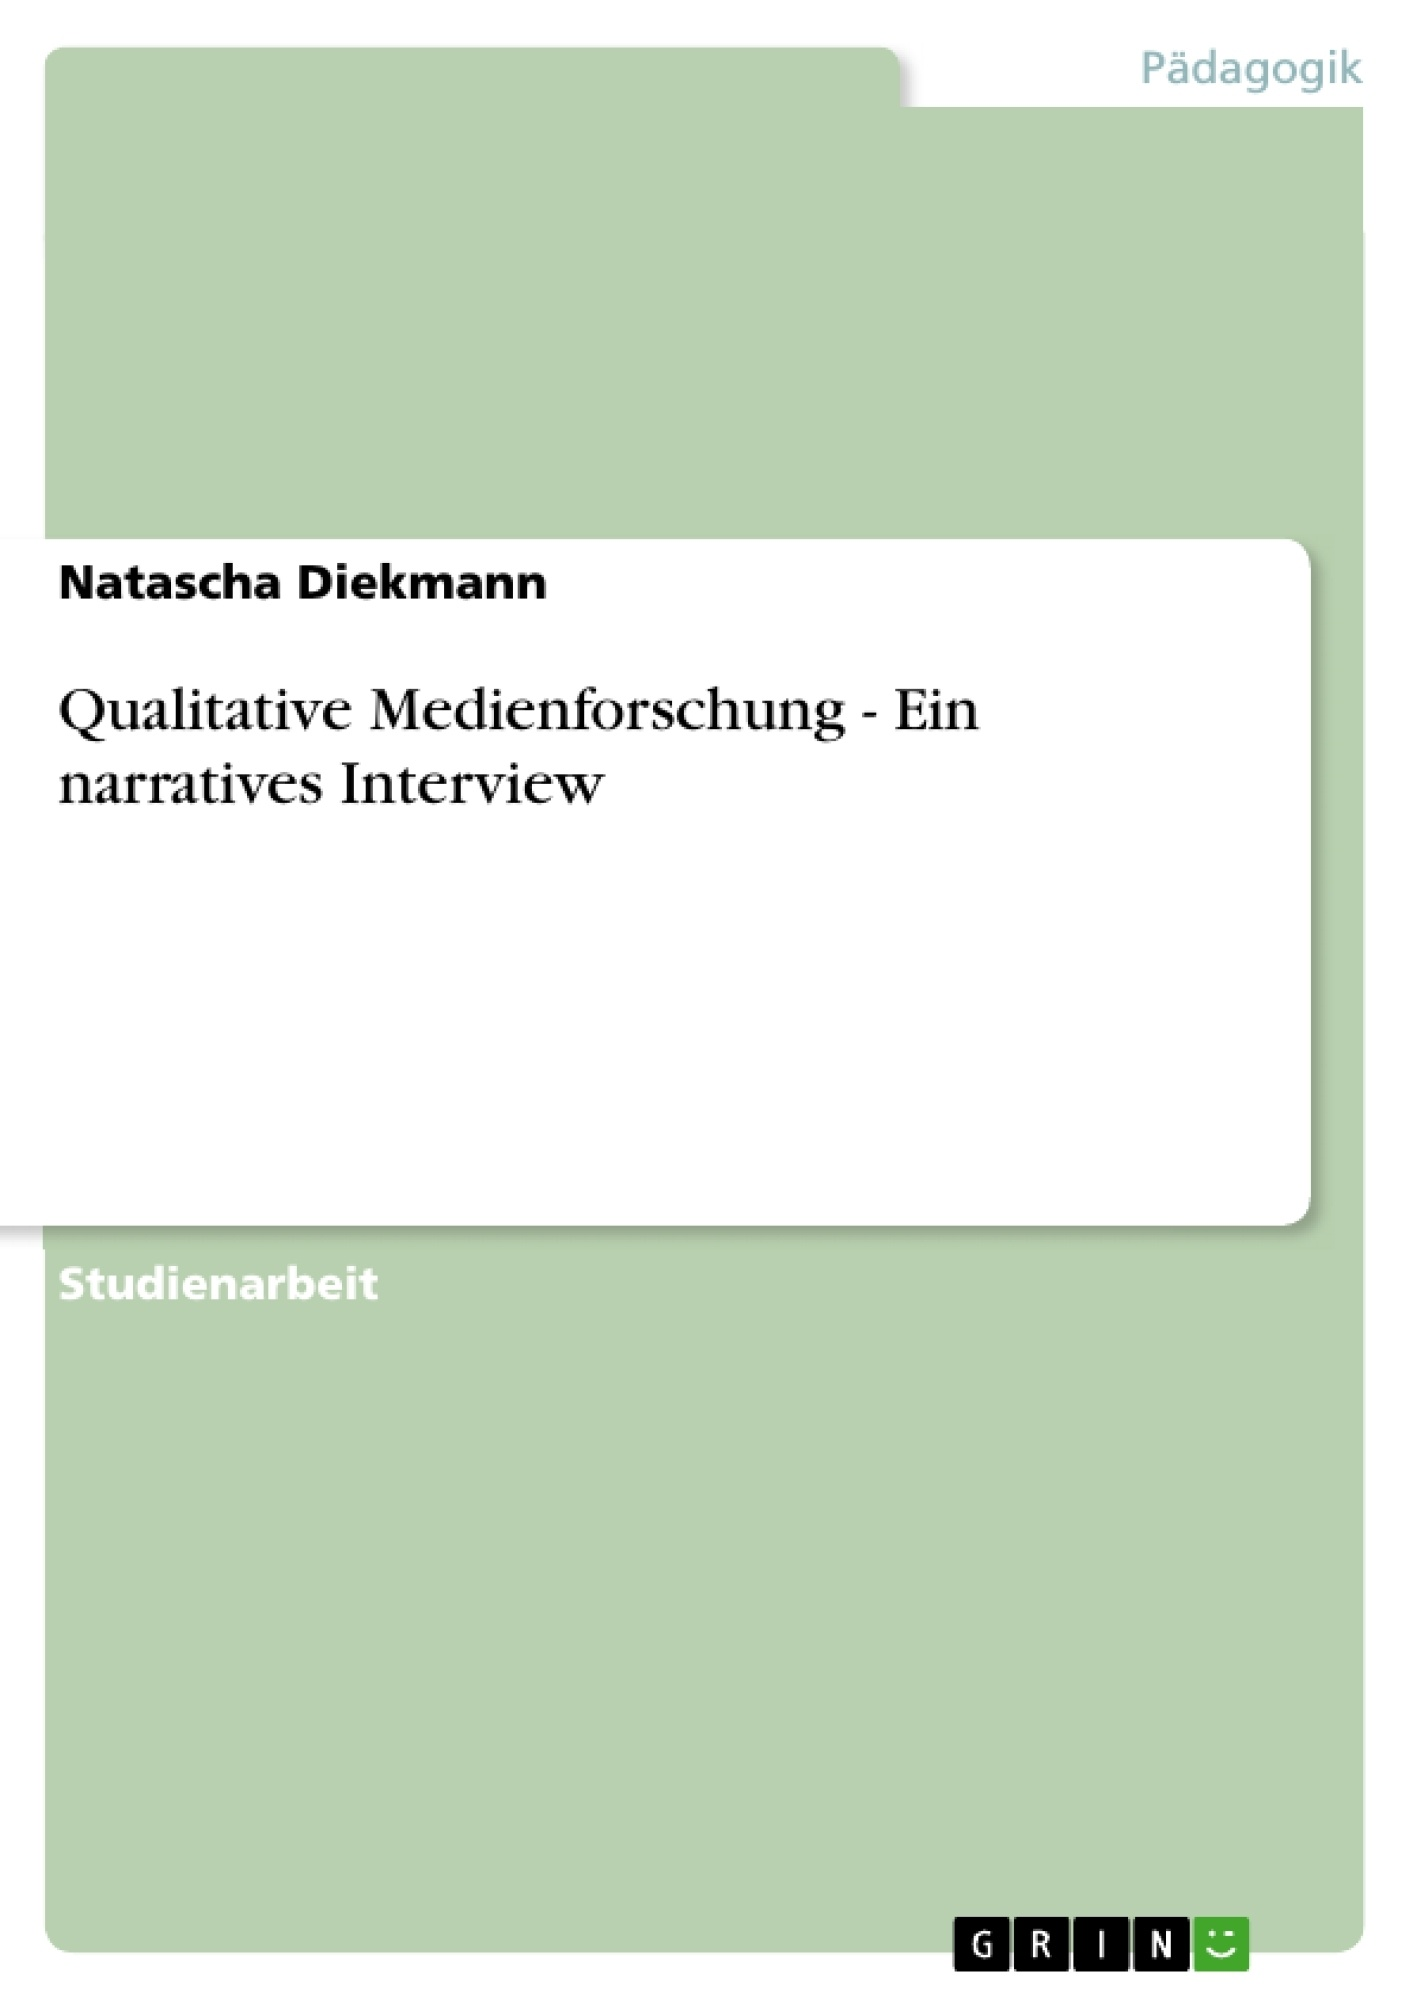 Titel: Qualitative Medienforschung - Ein narratives Interview